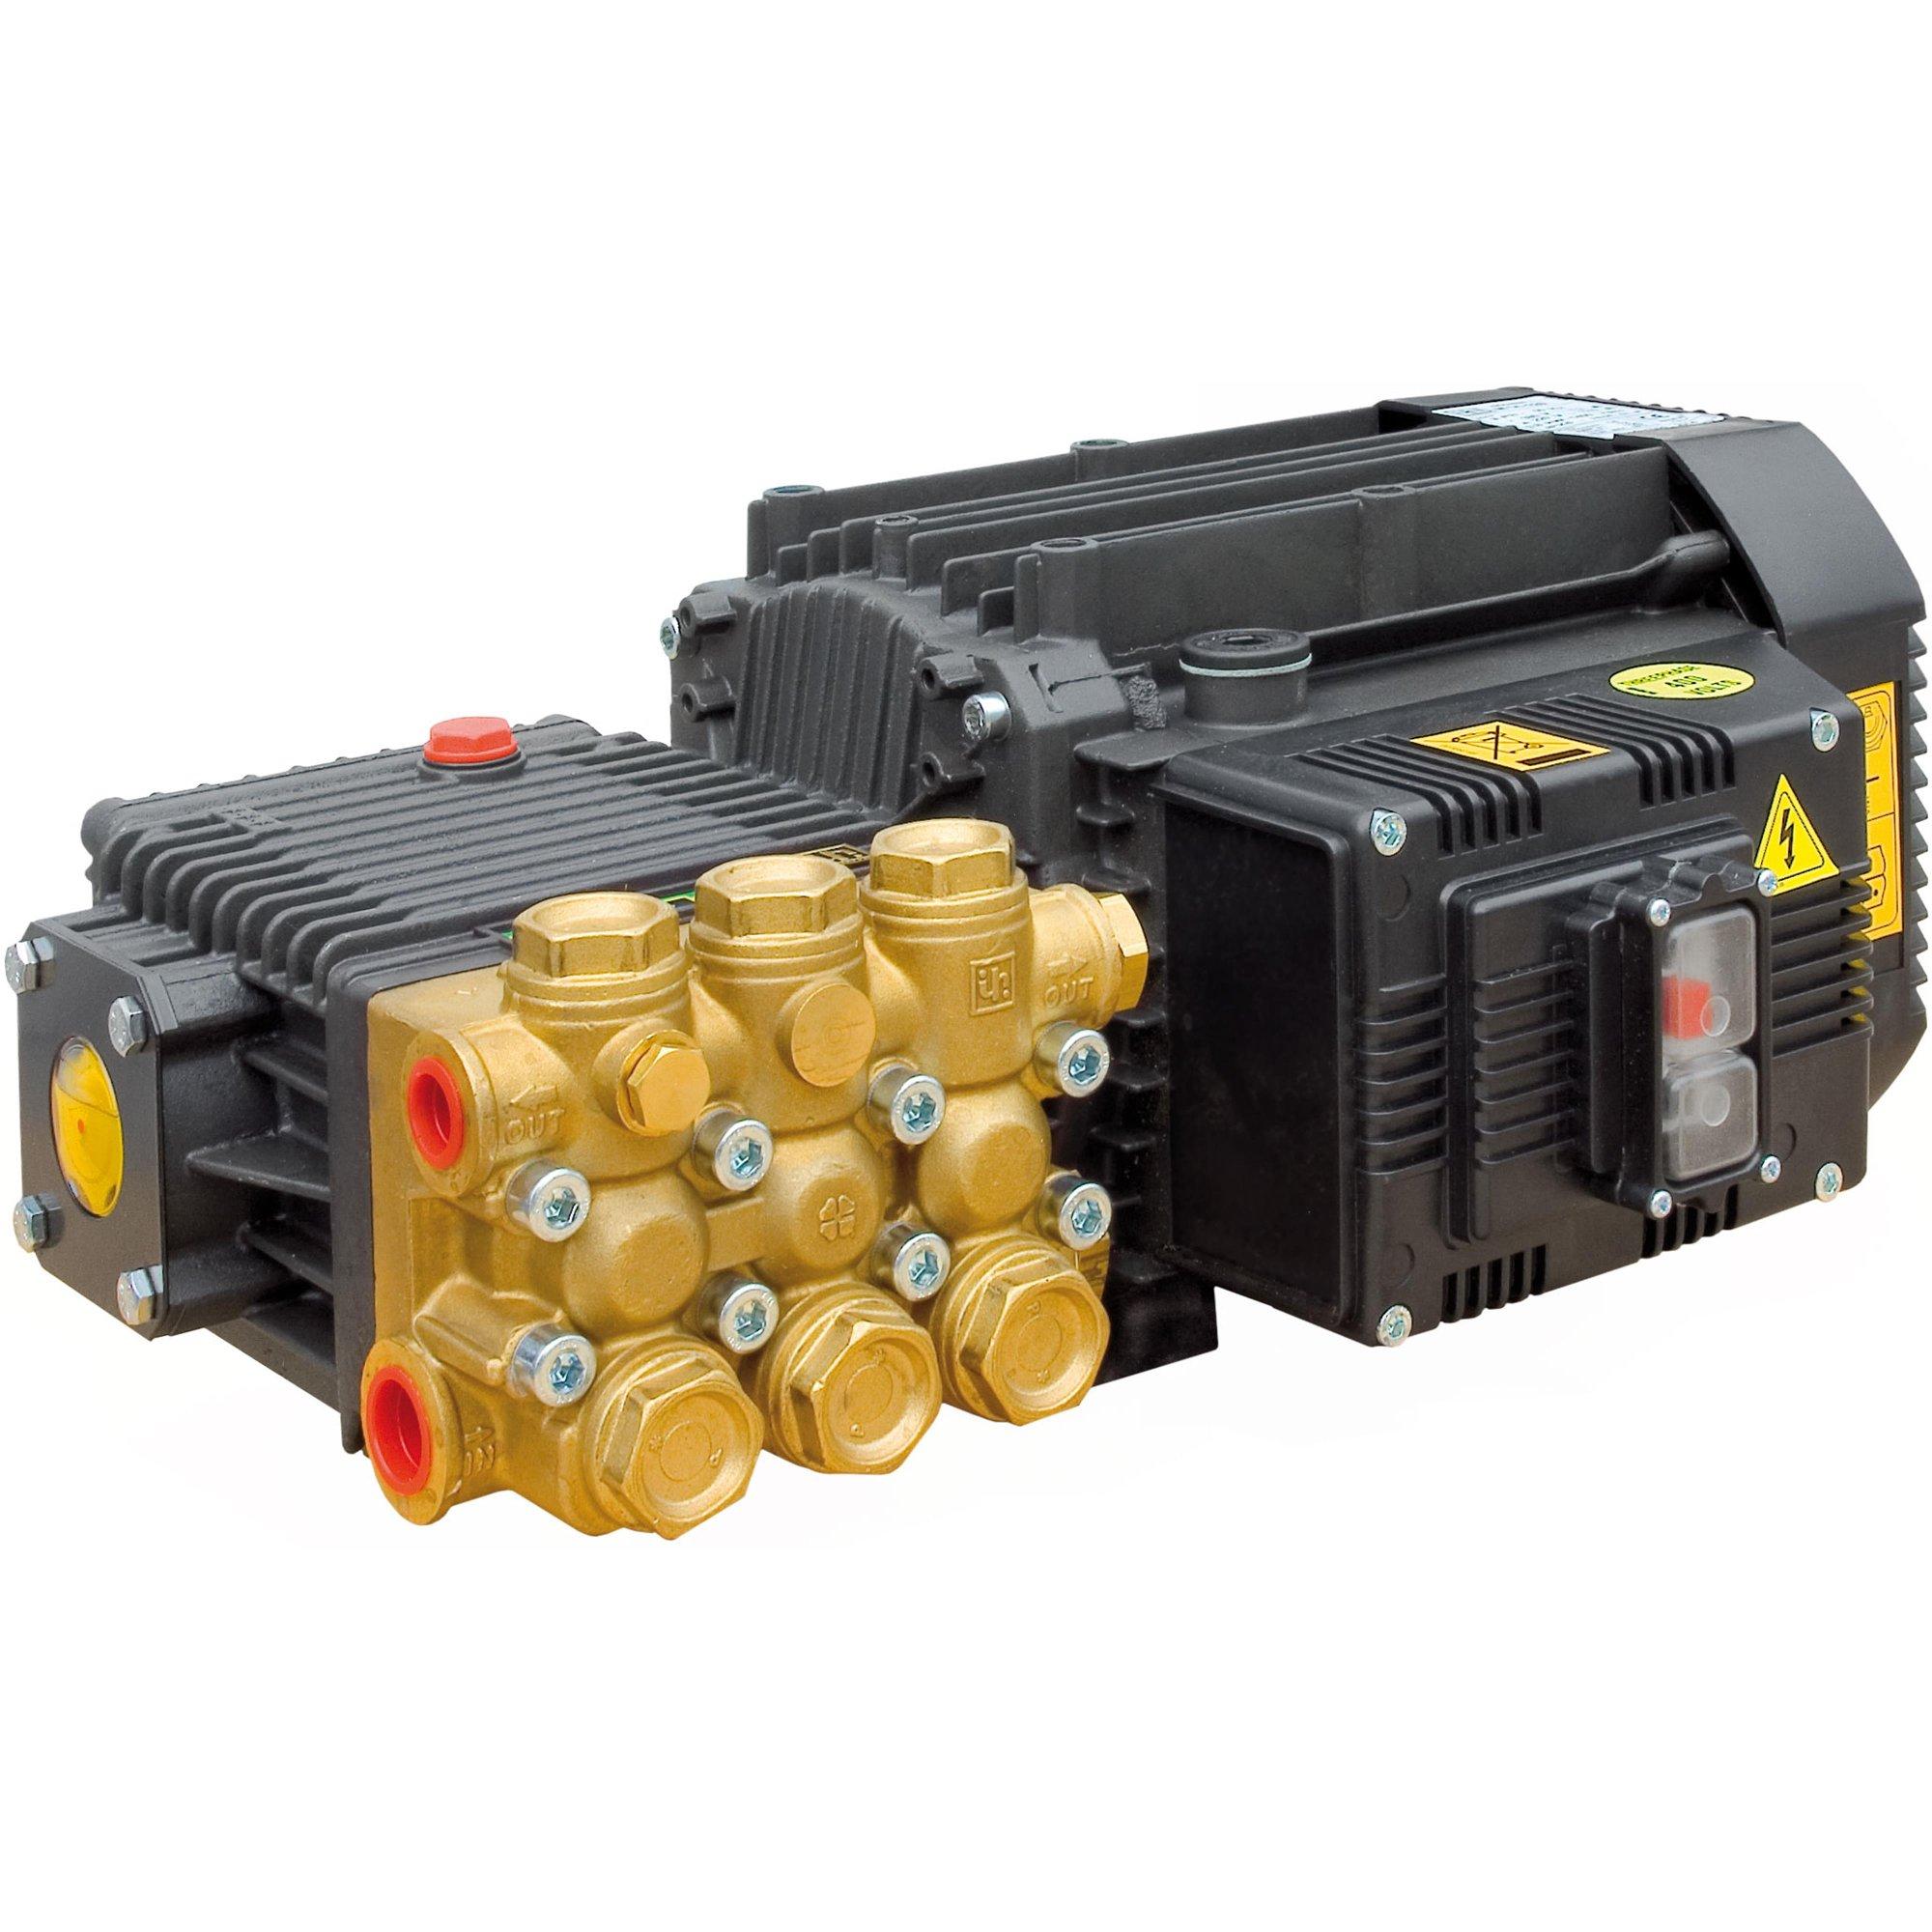 Interpump Motorpumpe M 14-120 14L 120B 380 V mit | Schalter+ Kabel+ULH+Injektor Motorpumpe M 14-120 14L 120B 400 V mit | Schalter+ Kabel+ULH+Injektor